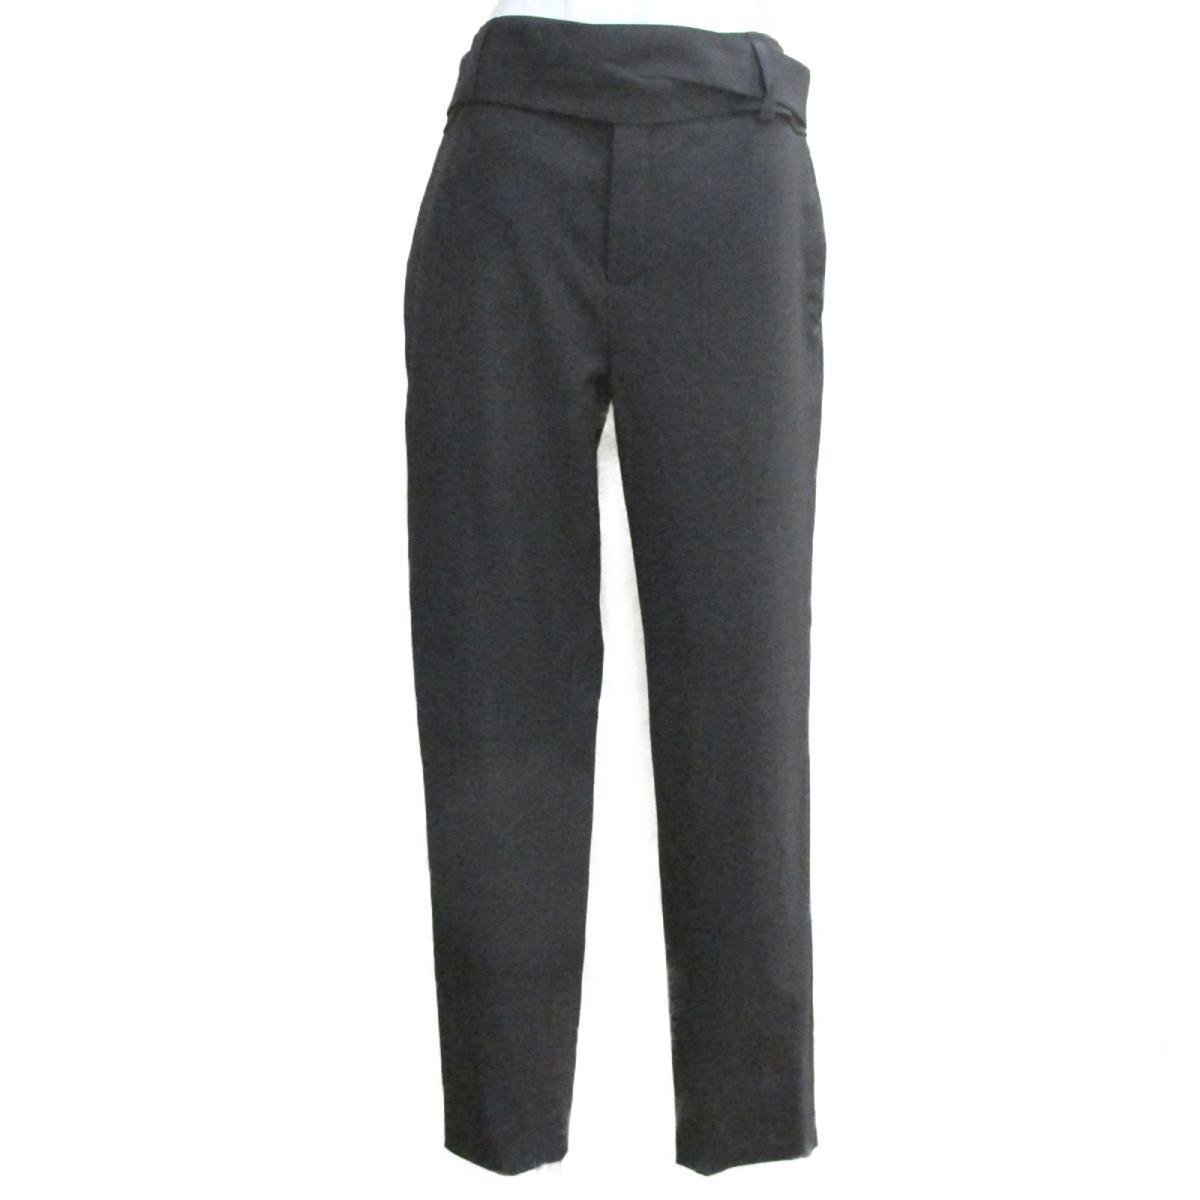 【中古】 サン・ローラン パンツ レディース ウール100% ブラック   SAINT LAURENT BRANDOFF ブランドオフ 衣料品 衣類 ブランド ボトムス